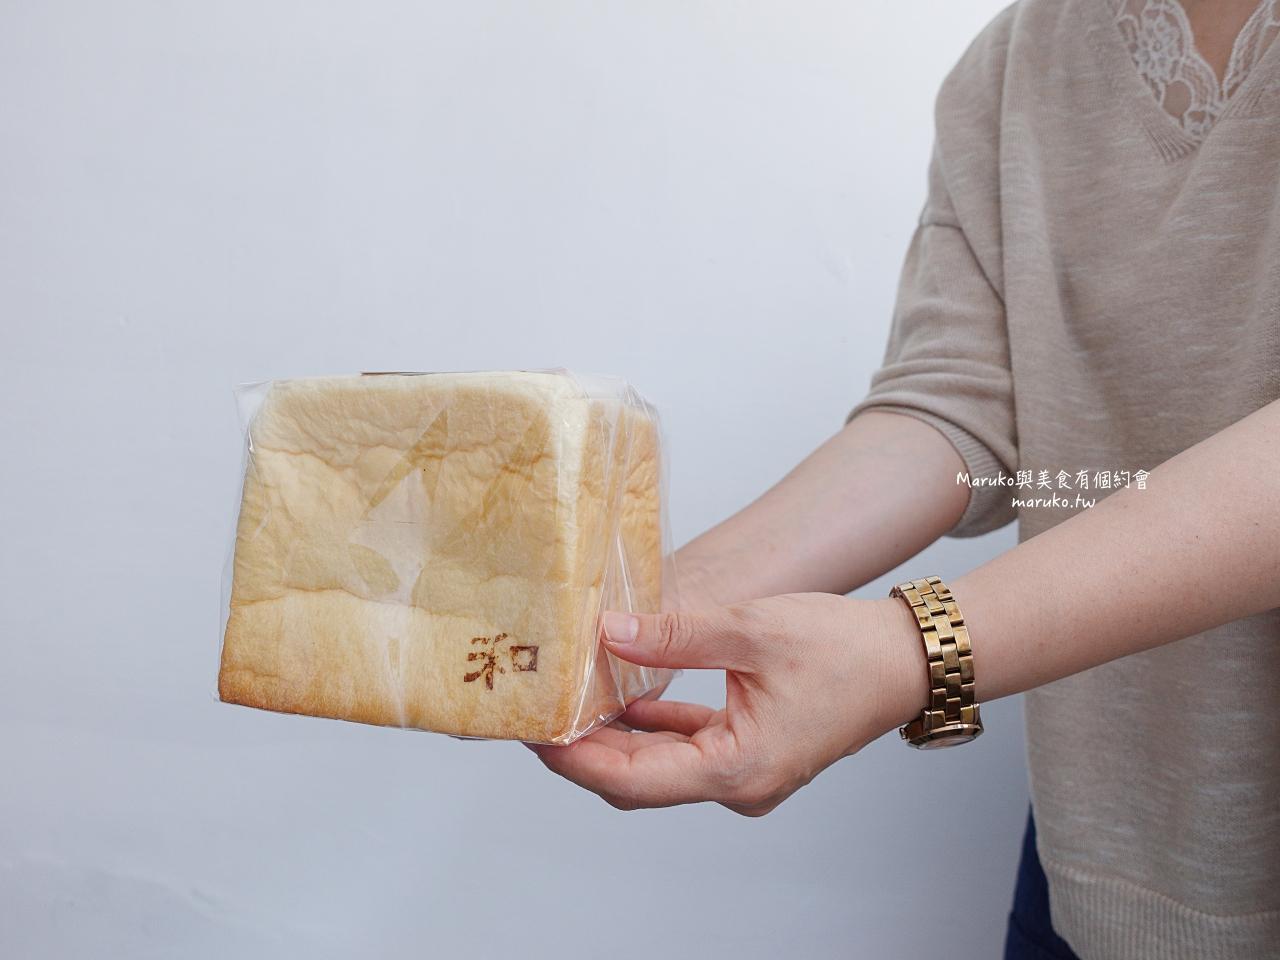 【台北】和土司 第一家最迷你的生吐司 預約制 每日限量出爐  捷運台北小巨蛋站美食 @Maruko與美食有個約會